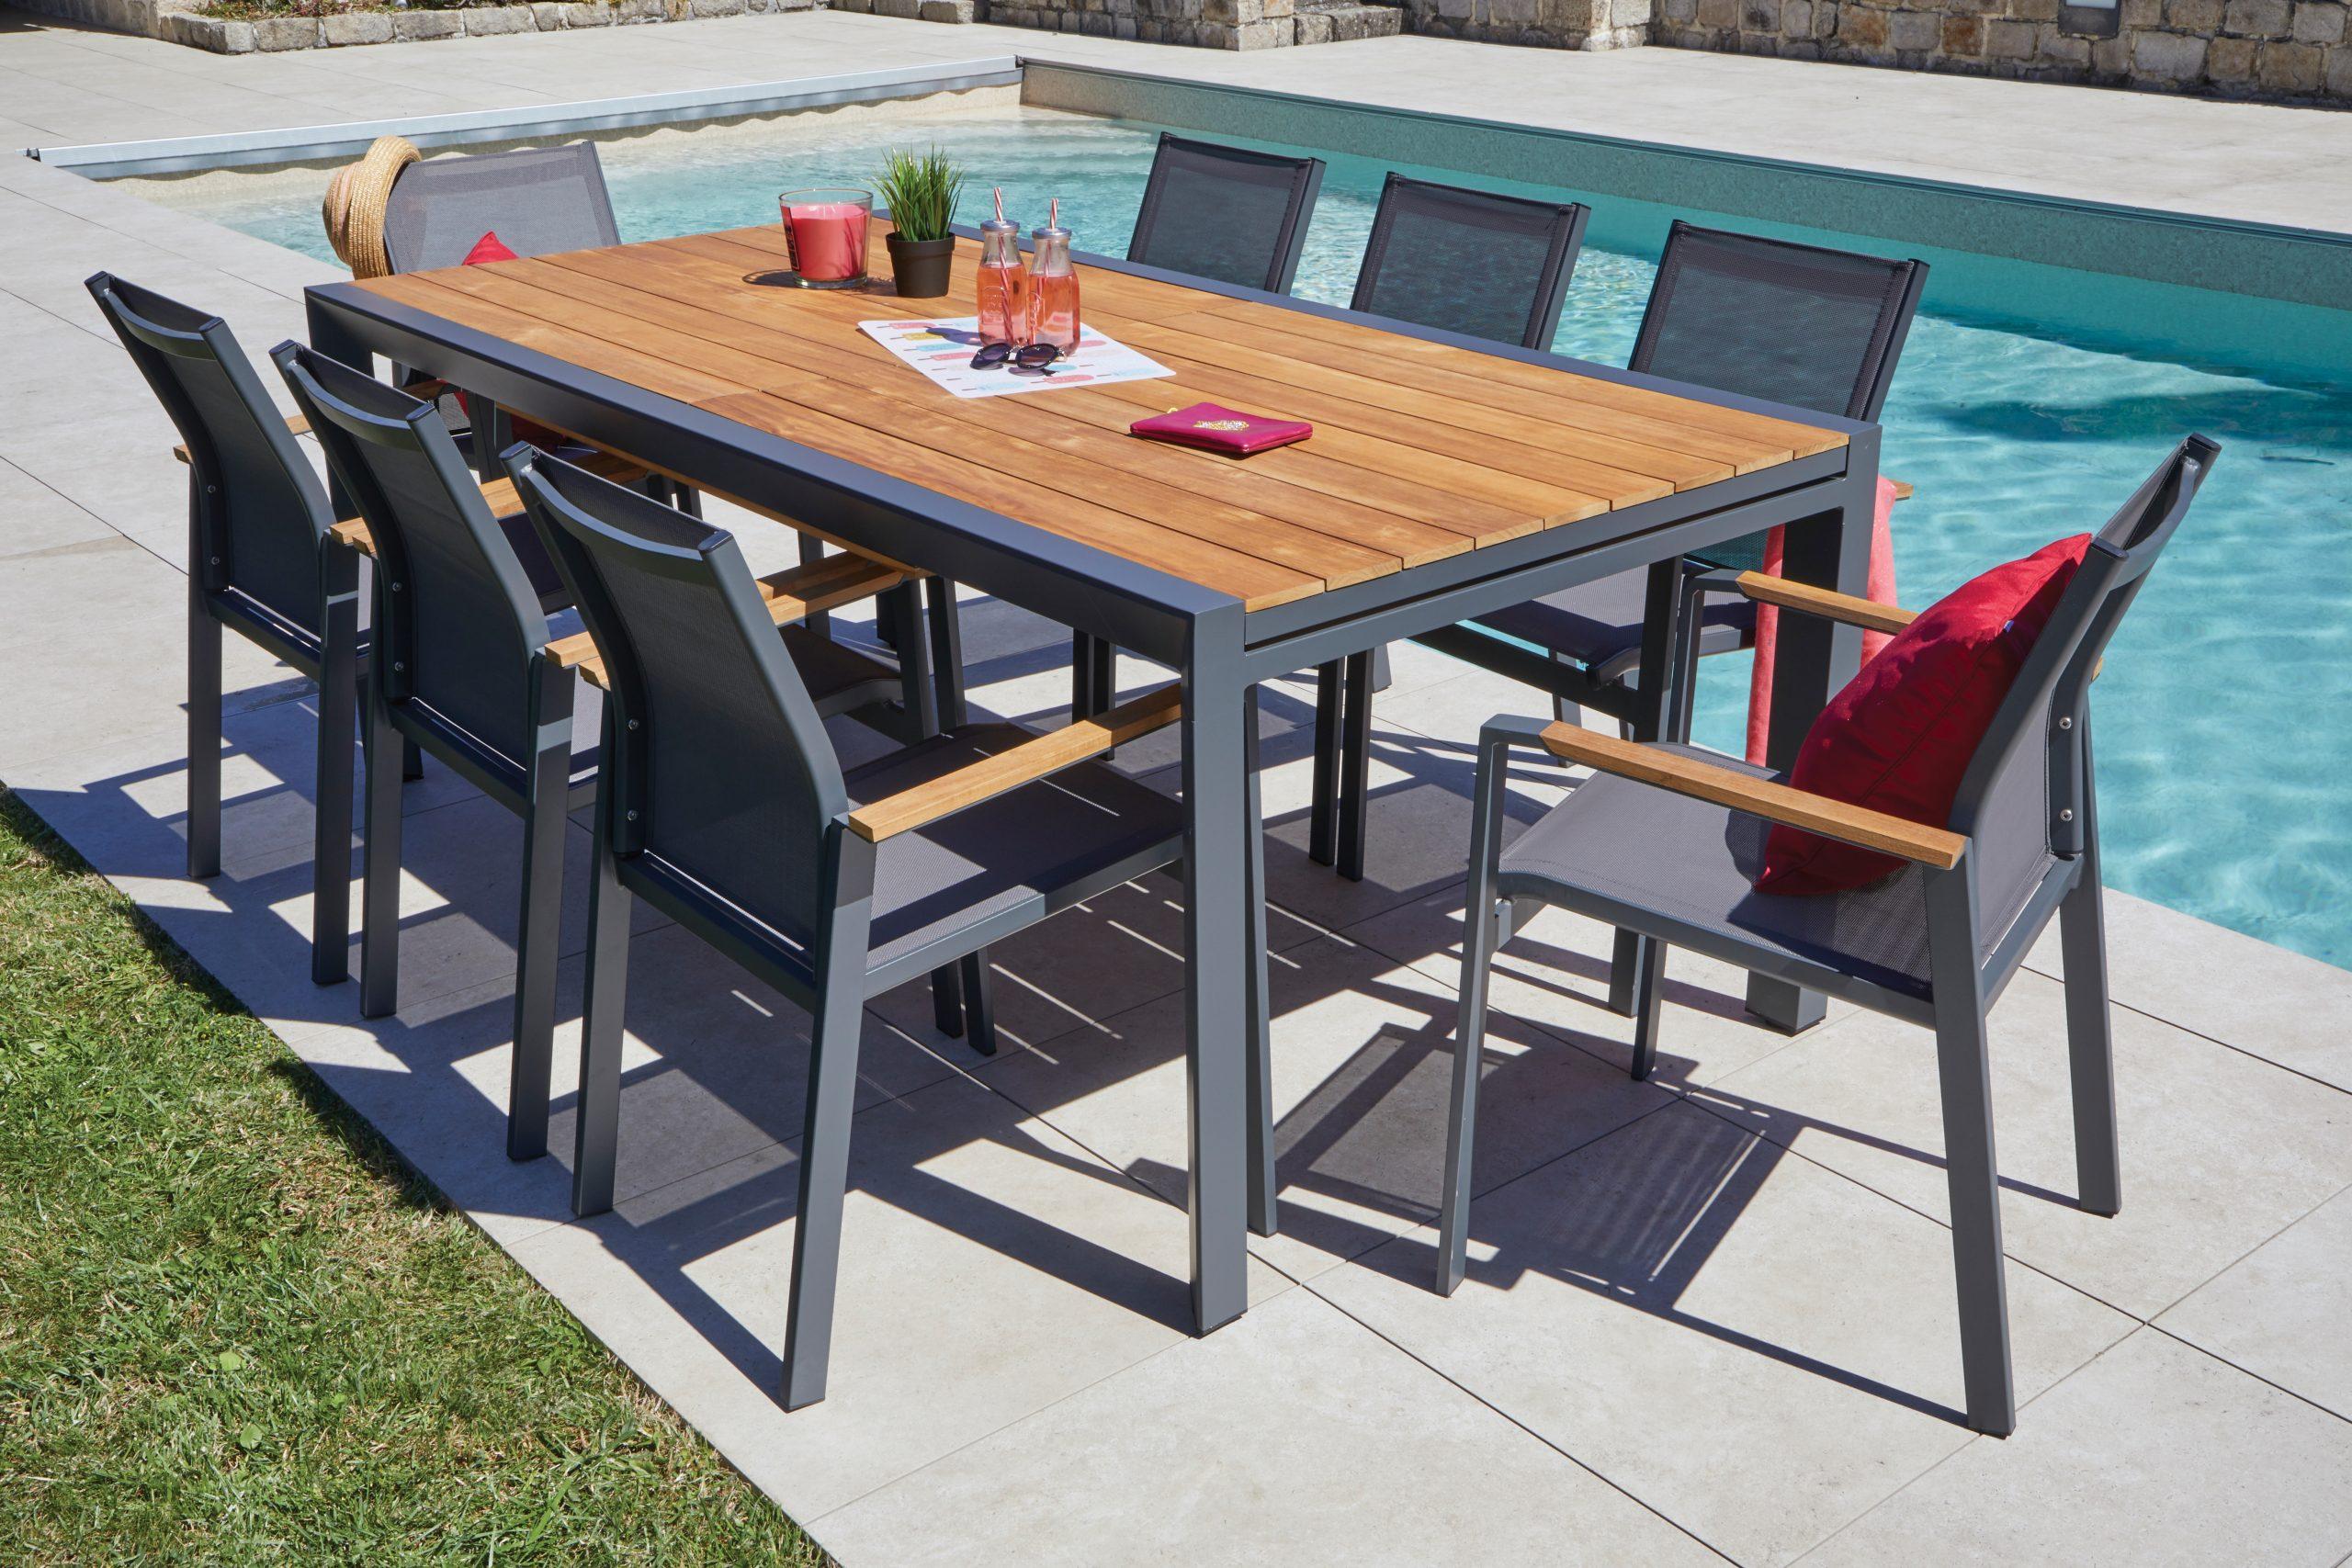 OZALIDE : du mobilier de jardin design et innovant pour aménager votre espace avec style